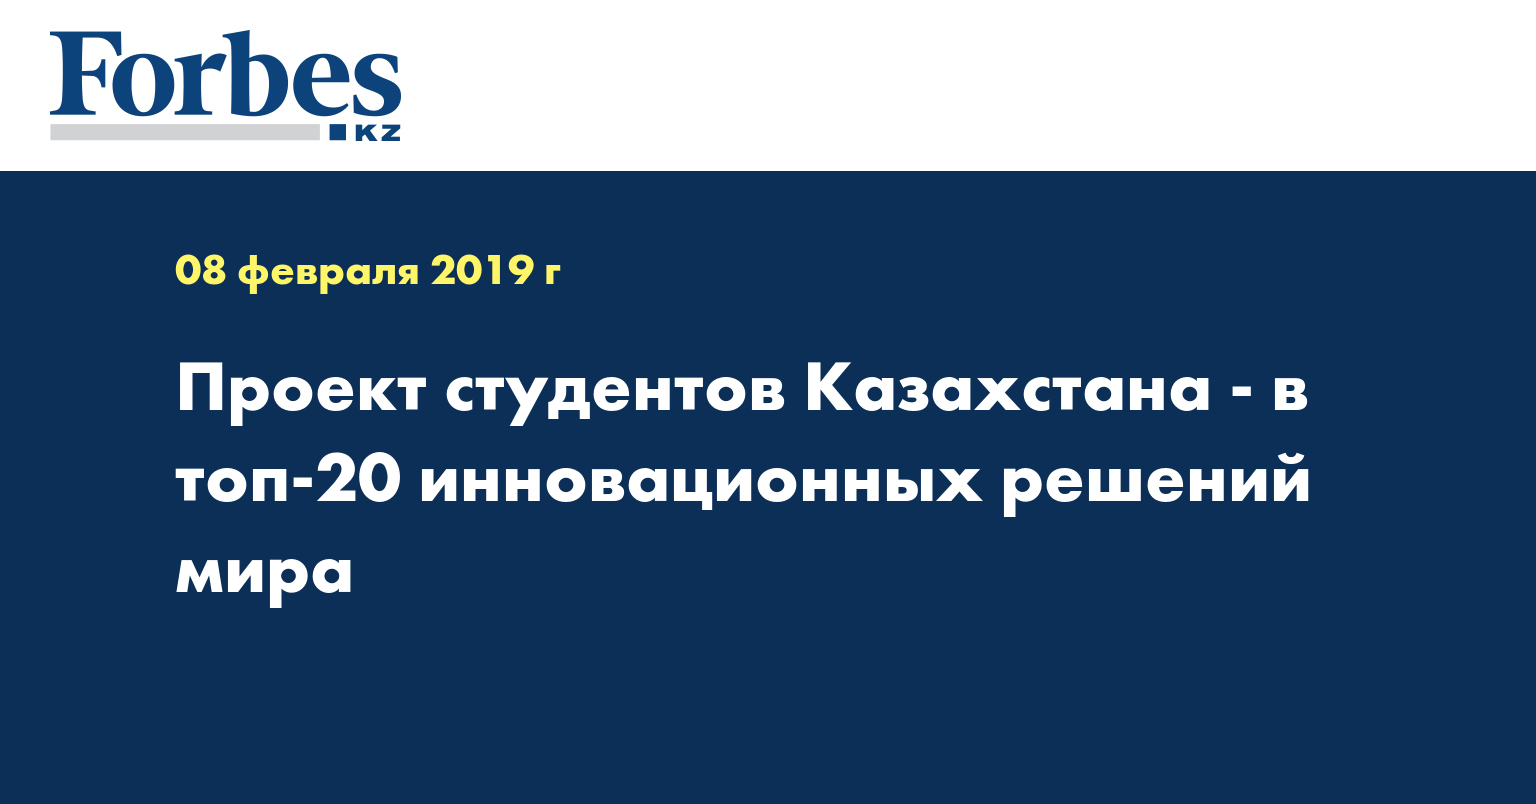 Проект студентов Казахстана - в ТОП-20 инновационных решений мира